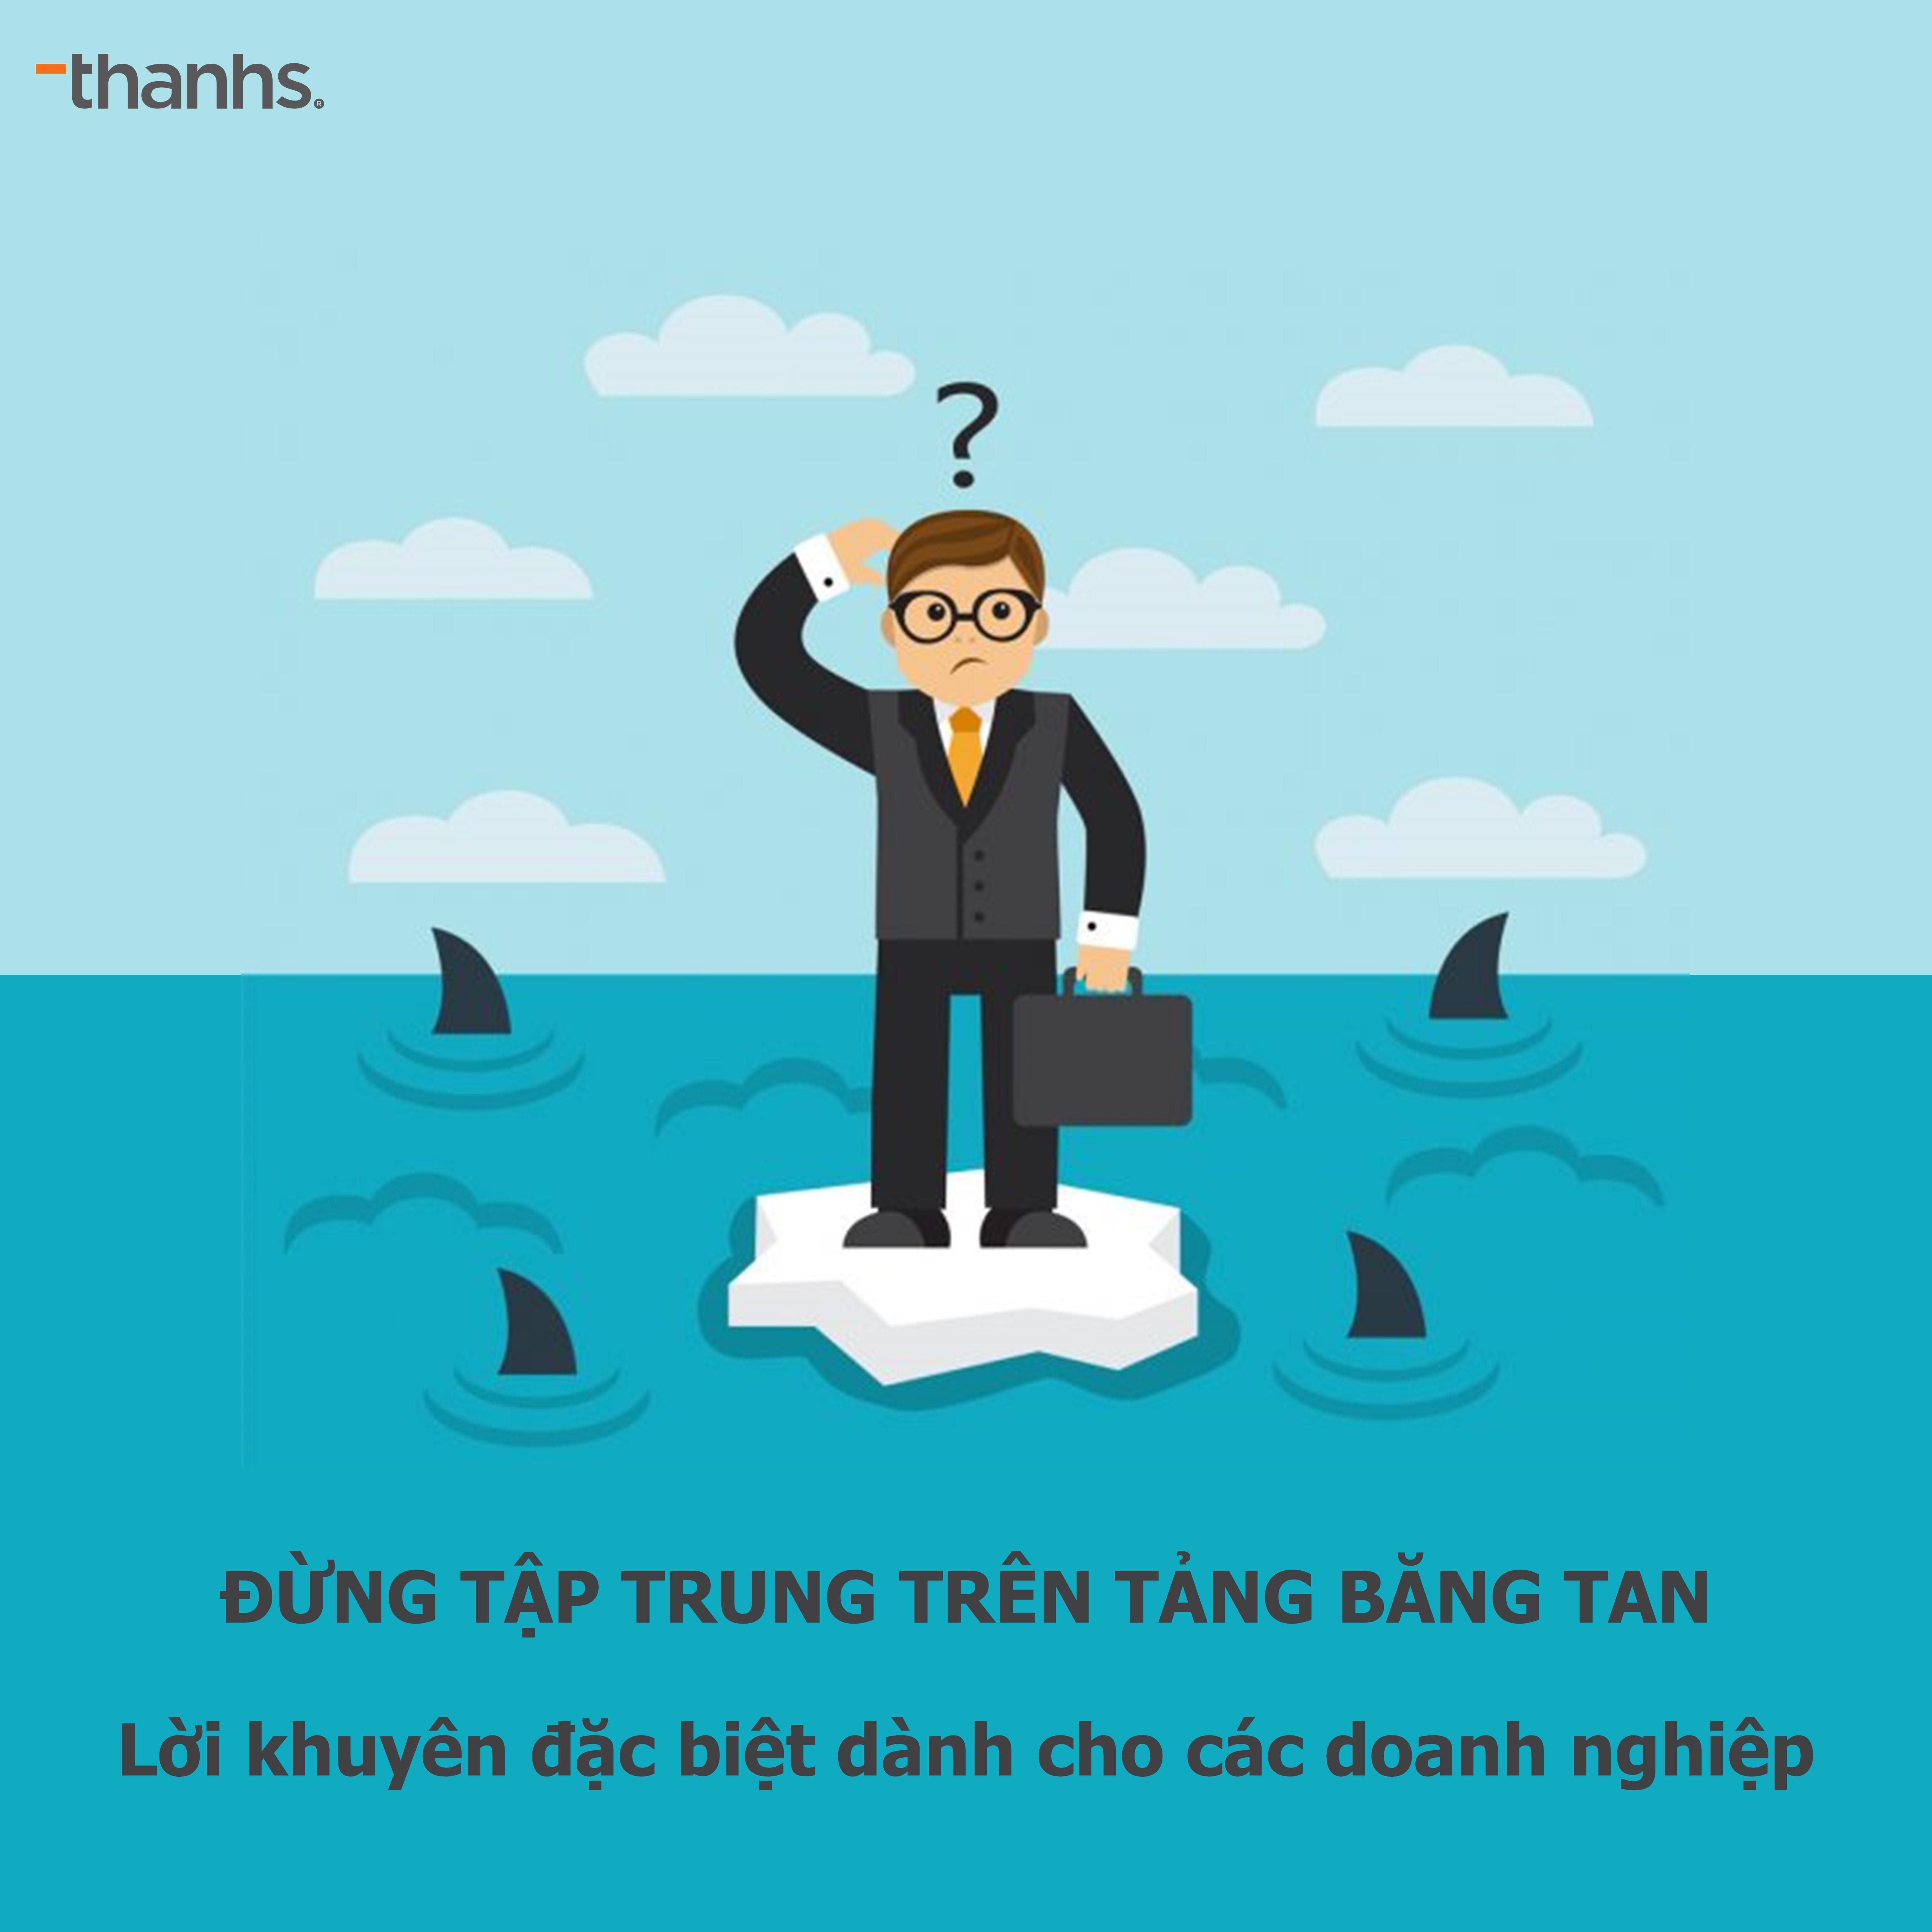 Đừng tập trung trên tảng băng tan - Chia sẻ của Chuyên gia Hoàng Tùng